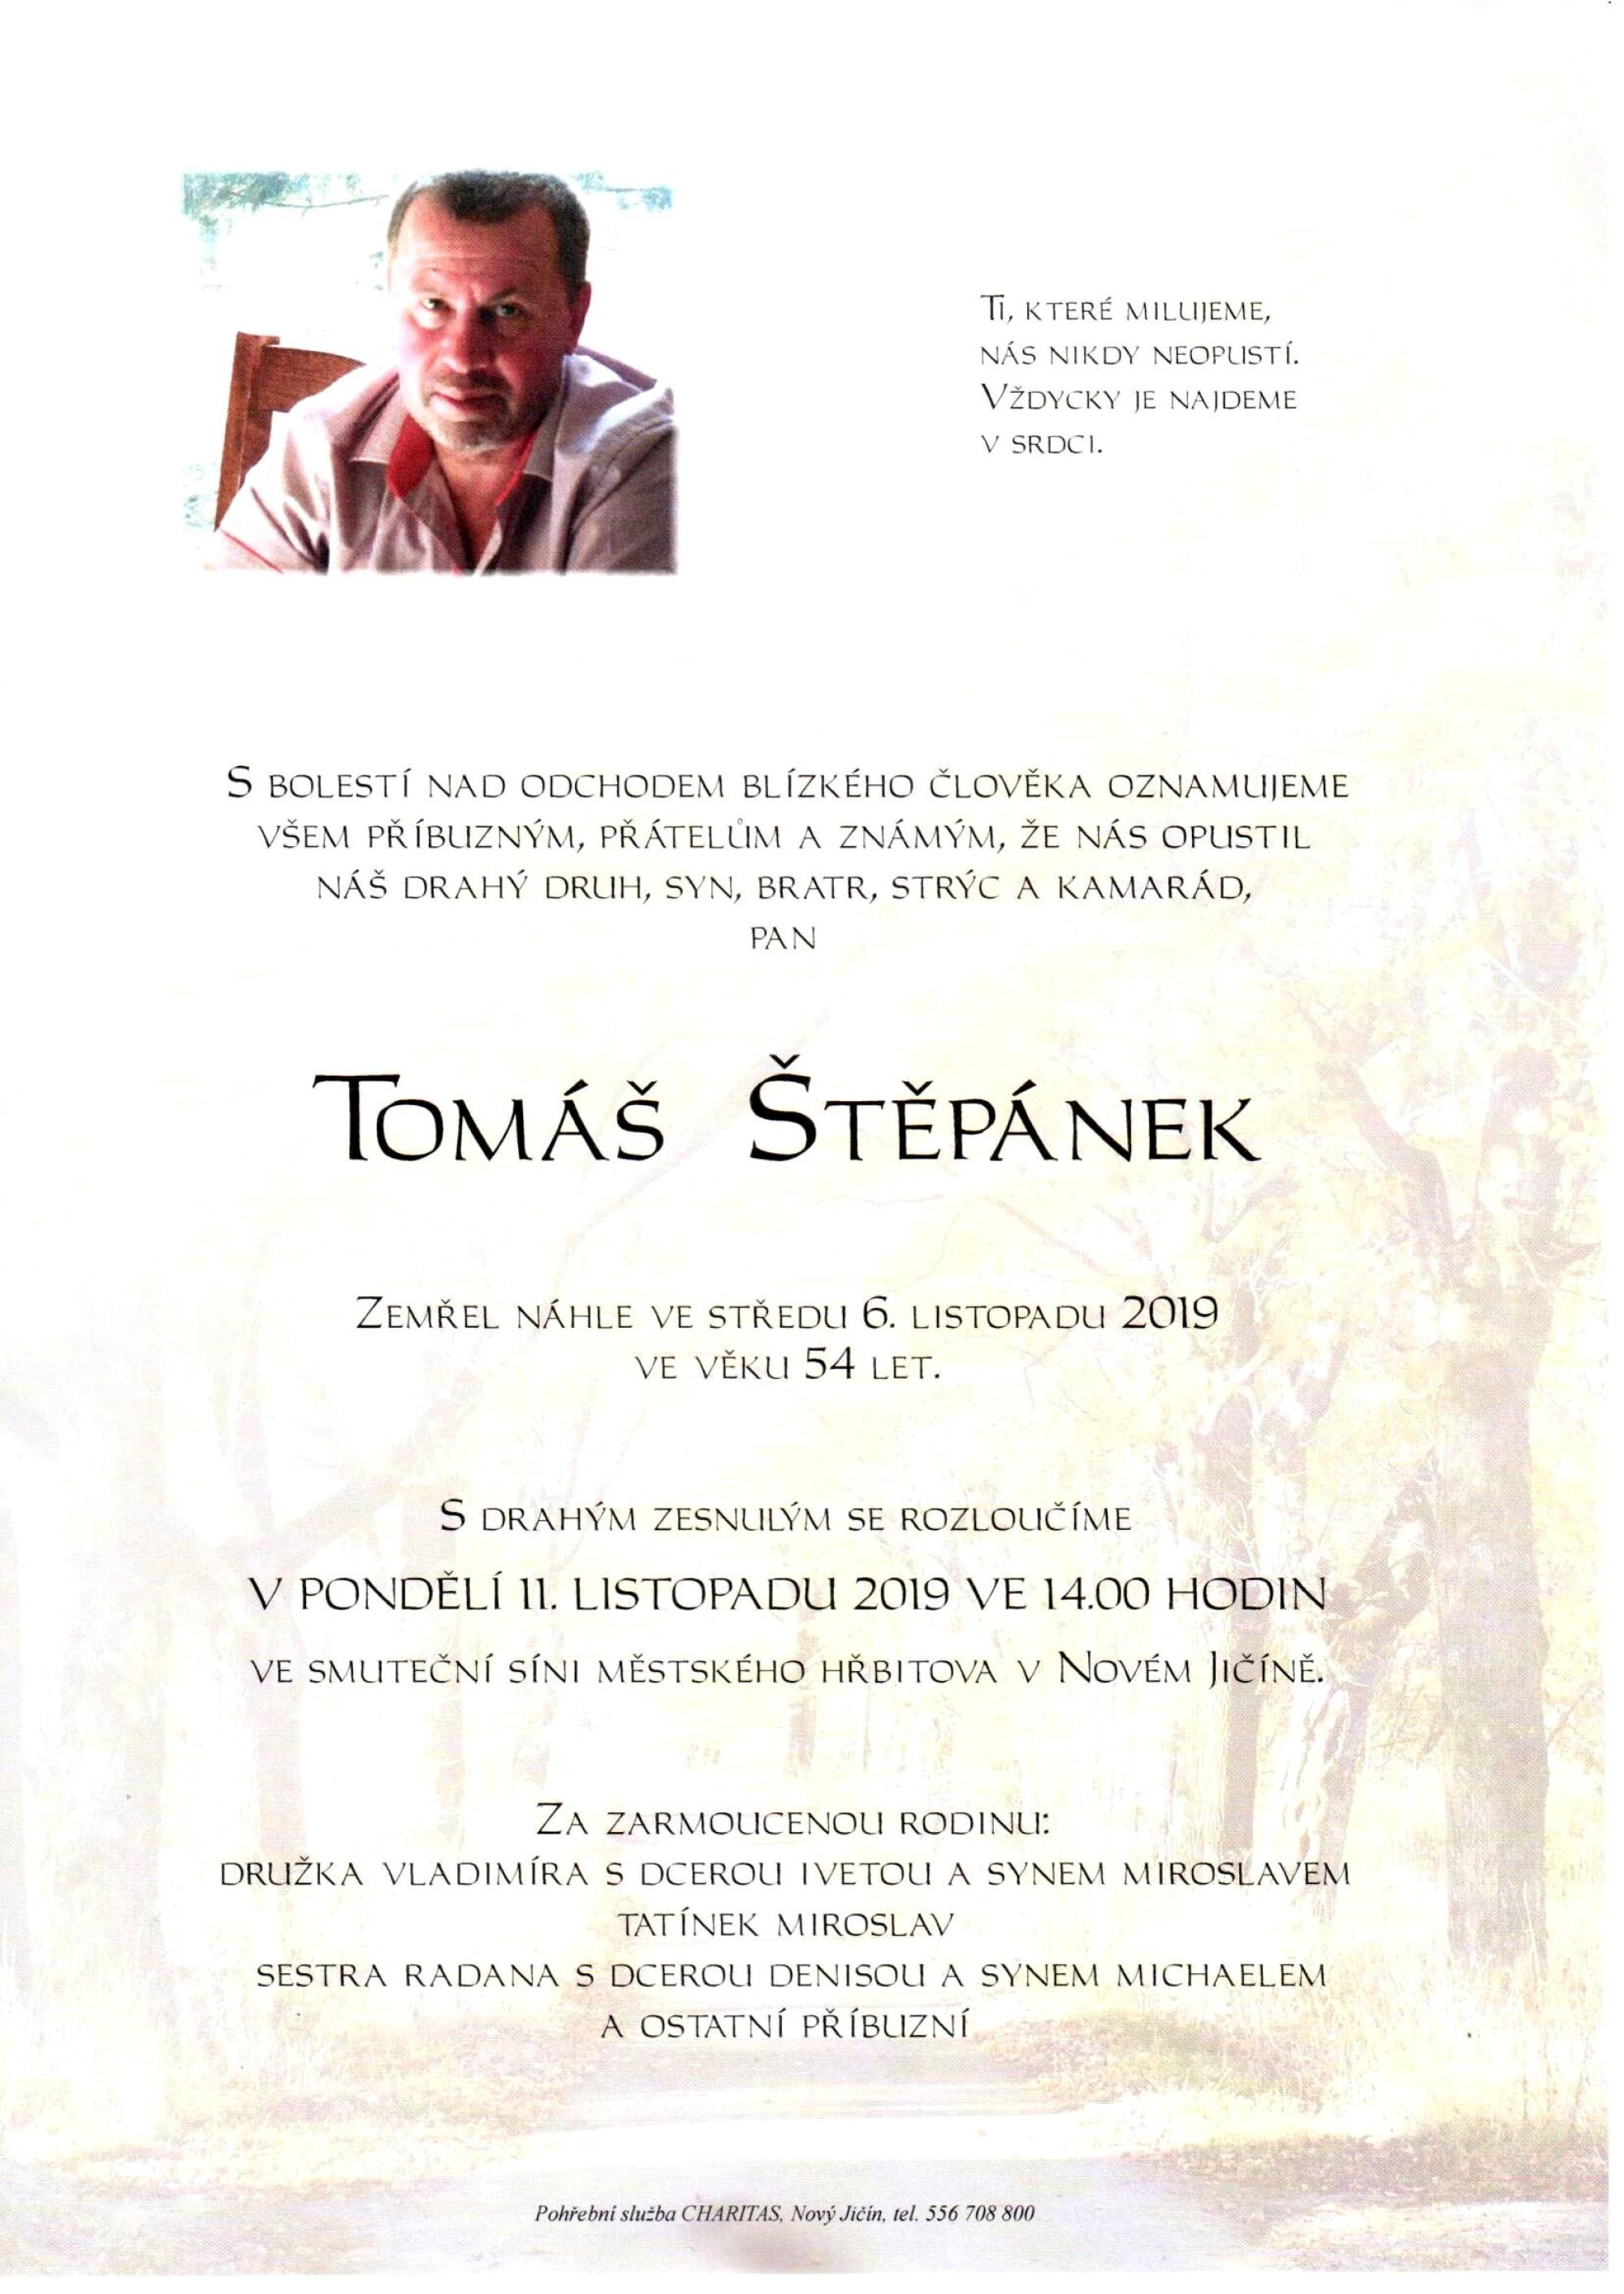 Tomáš Štěpánek